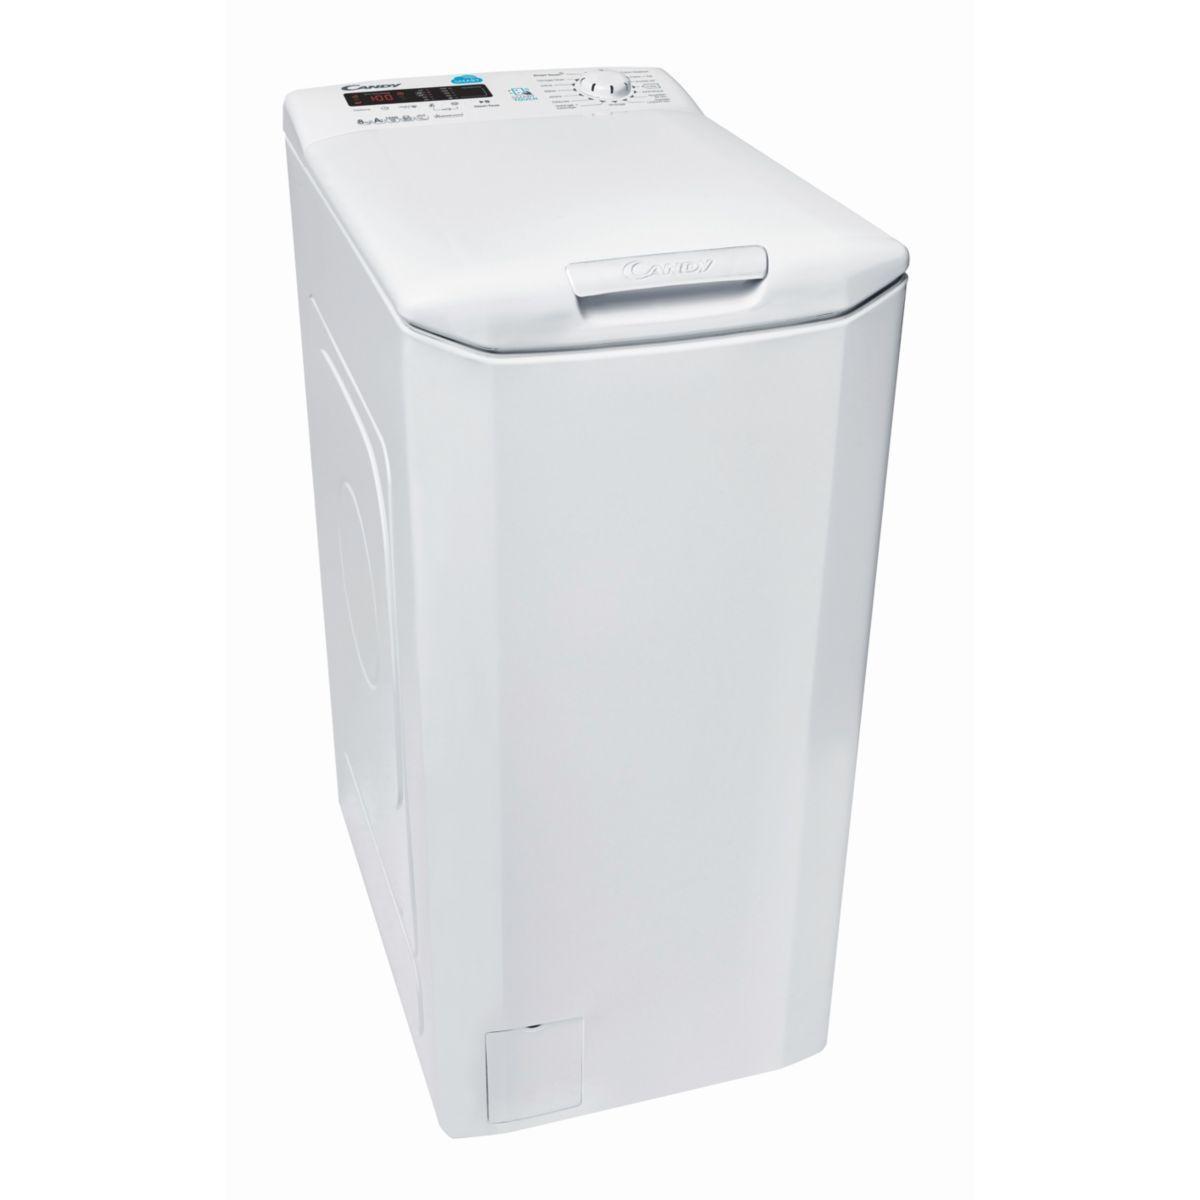 Lave-linge Top connecté CANDY TSC G282-47